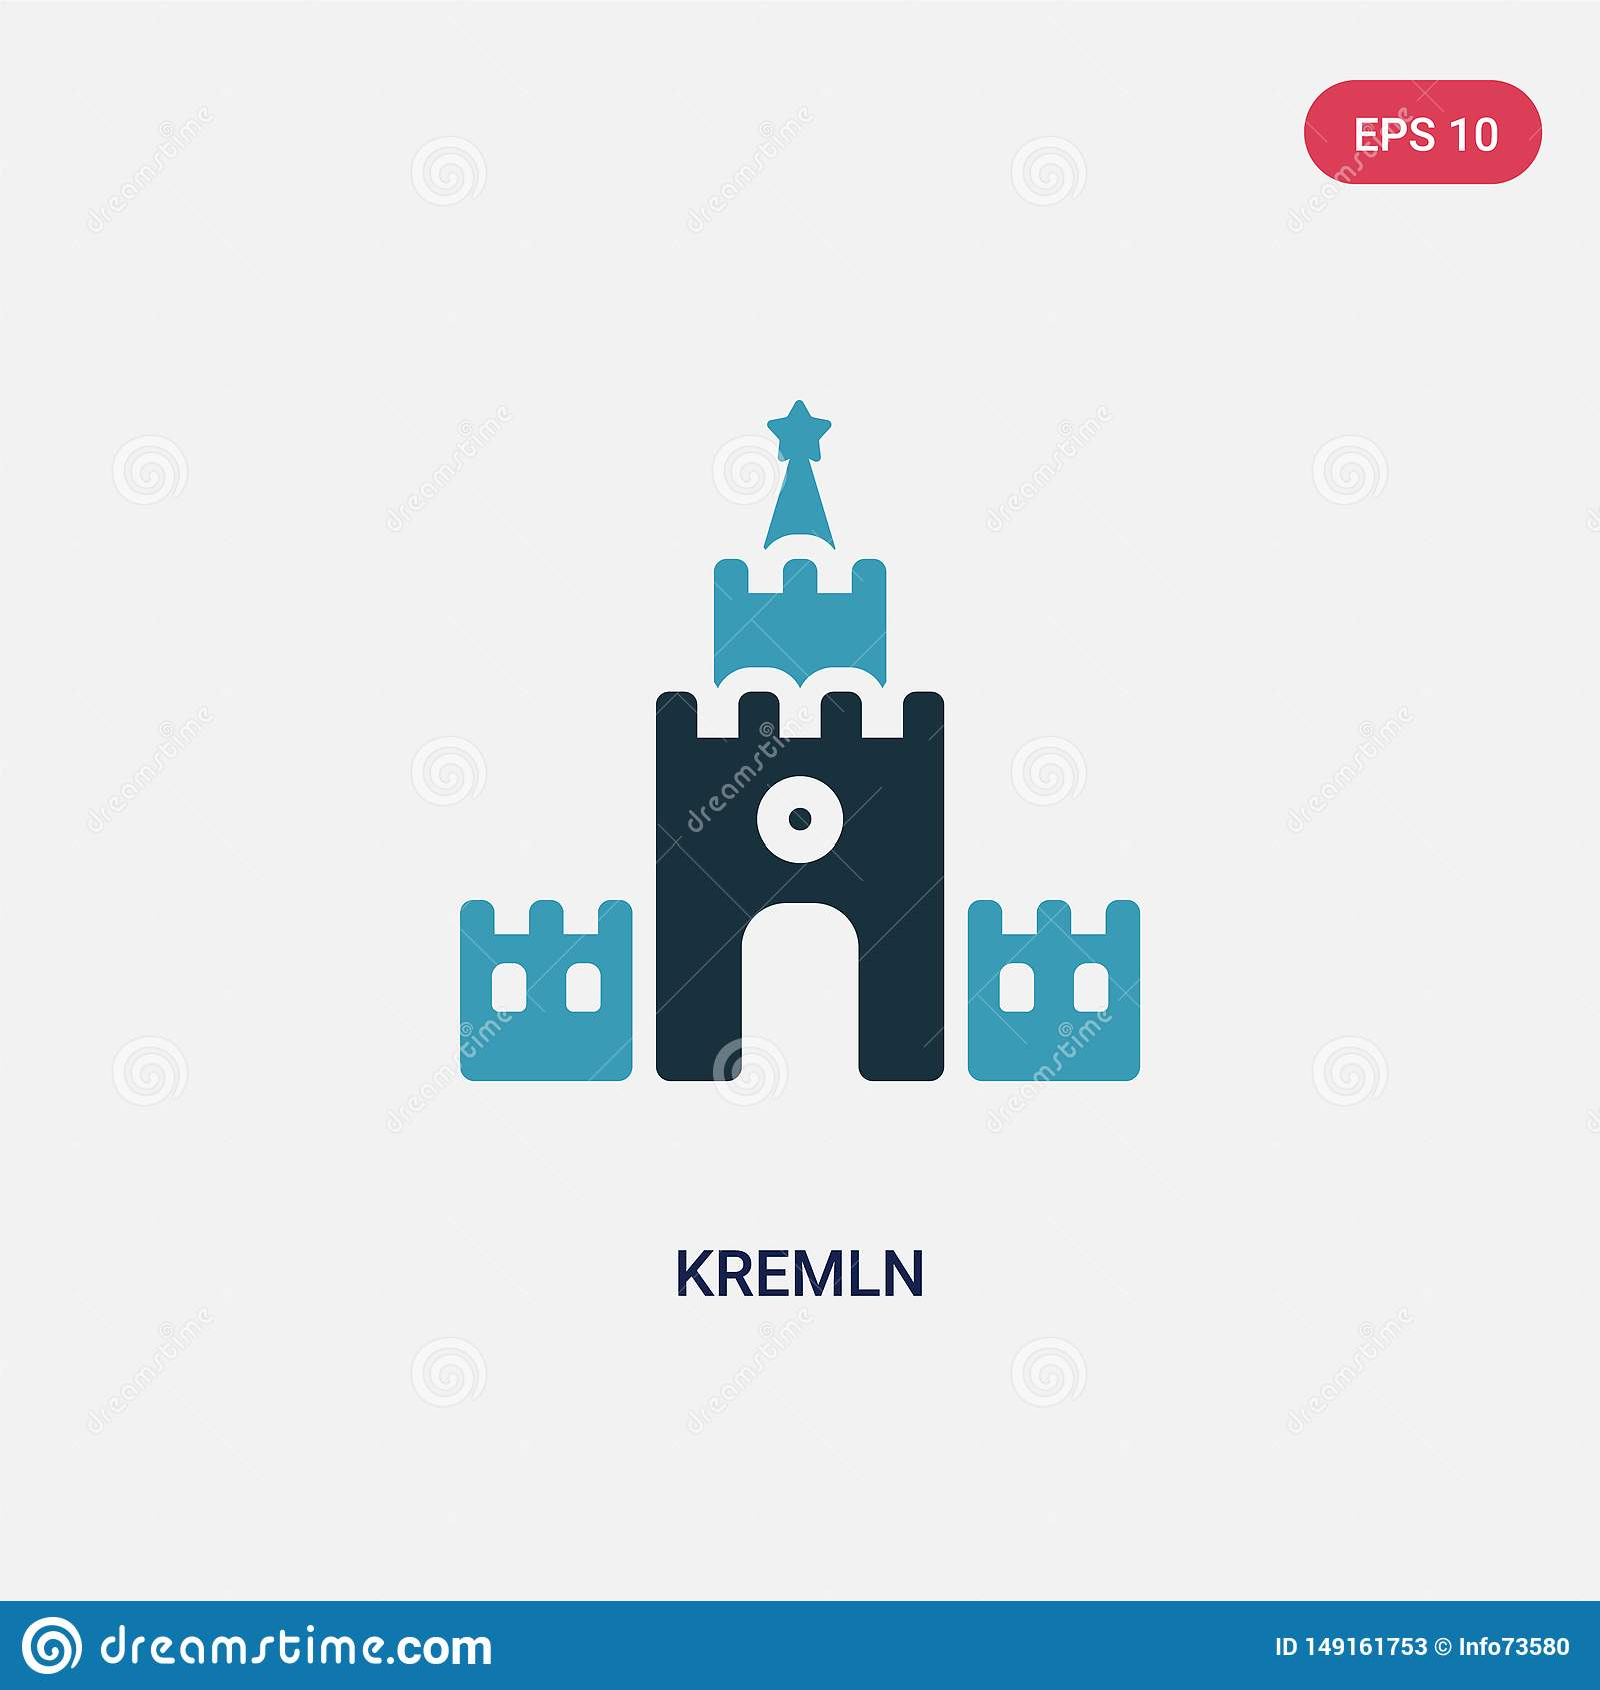 Значок вектора kremln 2 цветов от другой концепции изолированный голубой символ знака вектора kremln может быть пользой для сети,